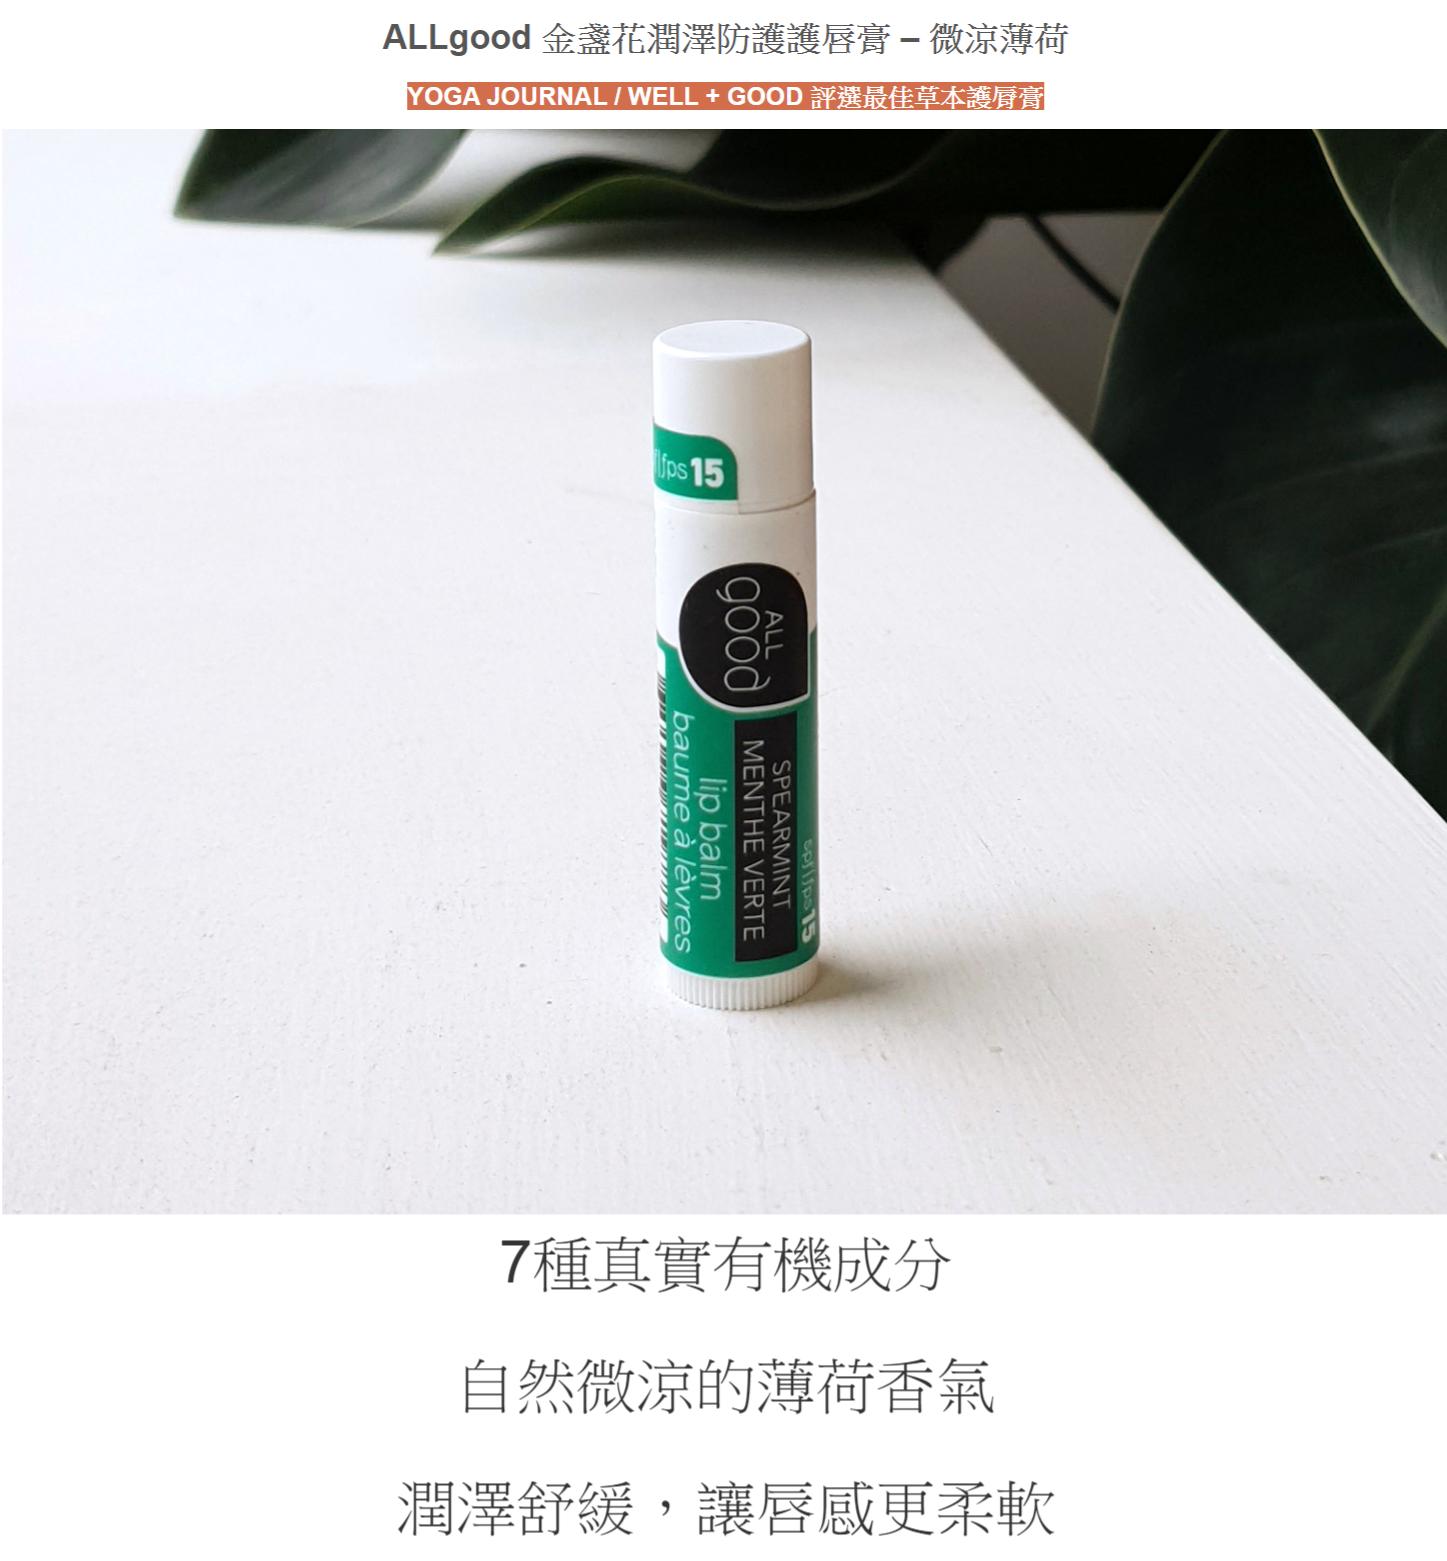 美國【ALLgood】金盞花潤澤防護護唇膏 – 微涼薄荷 4.25g